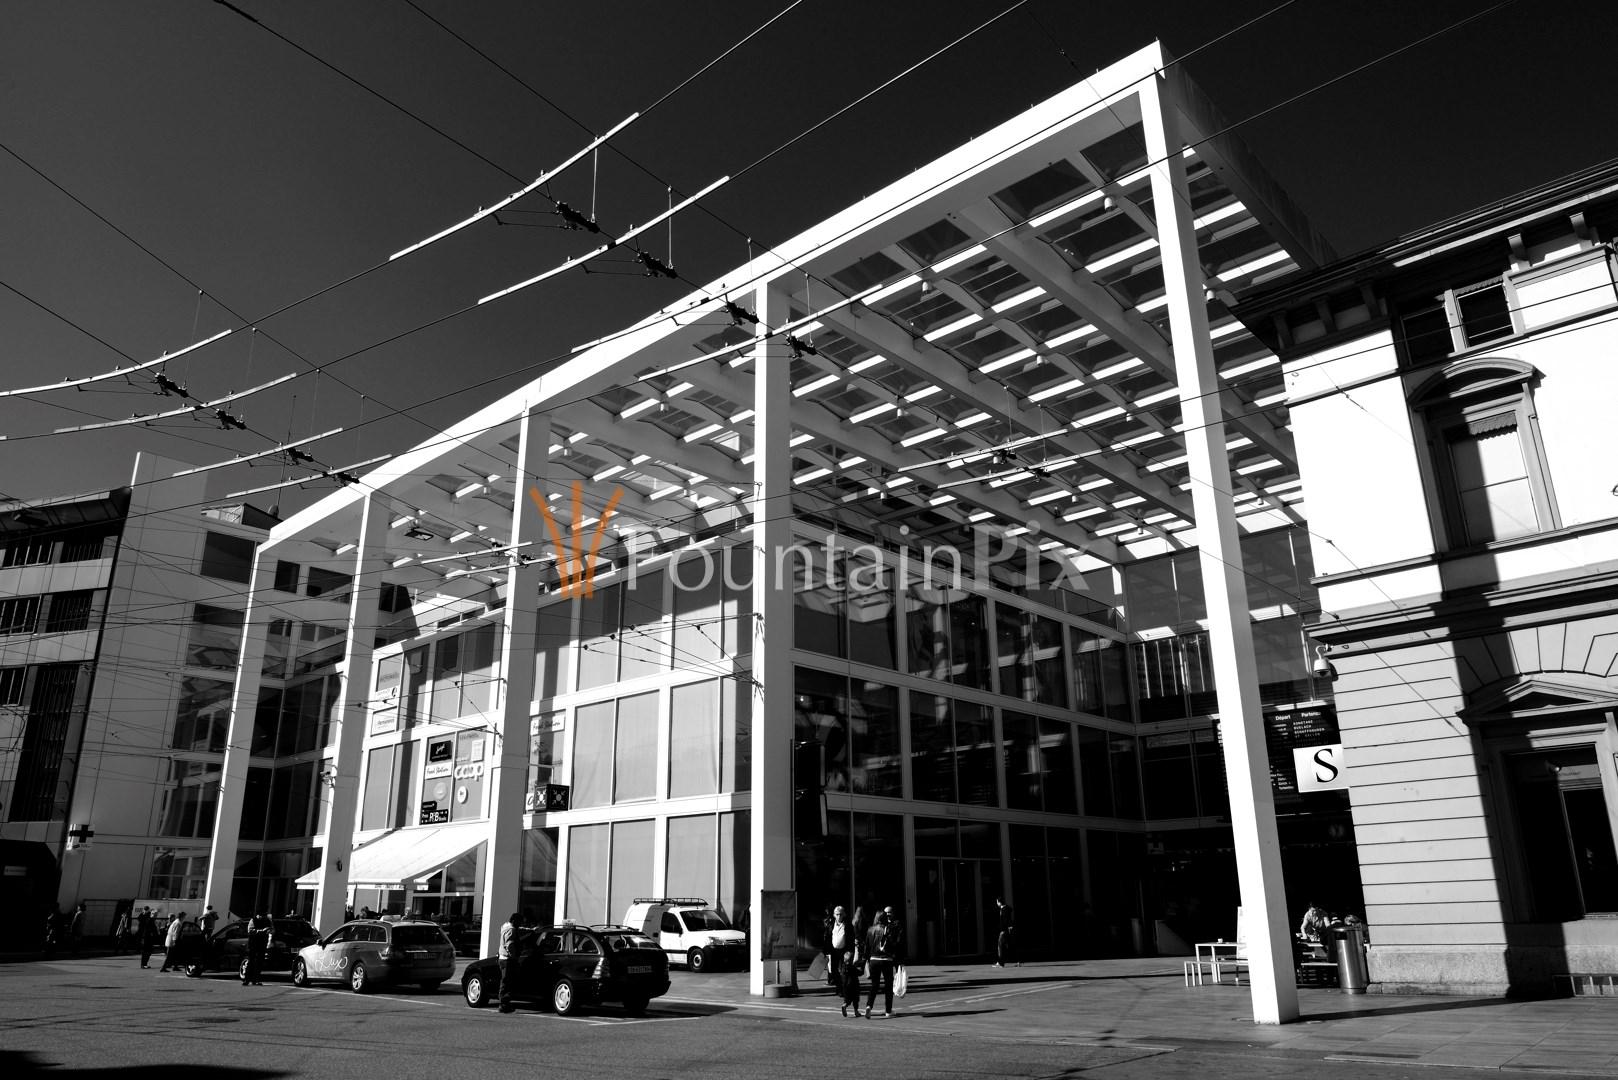 09: Bahnhofplatz